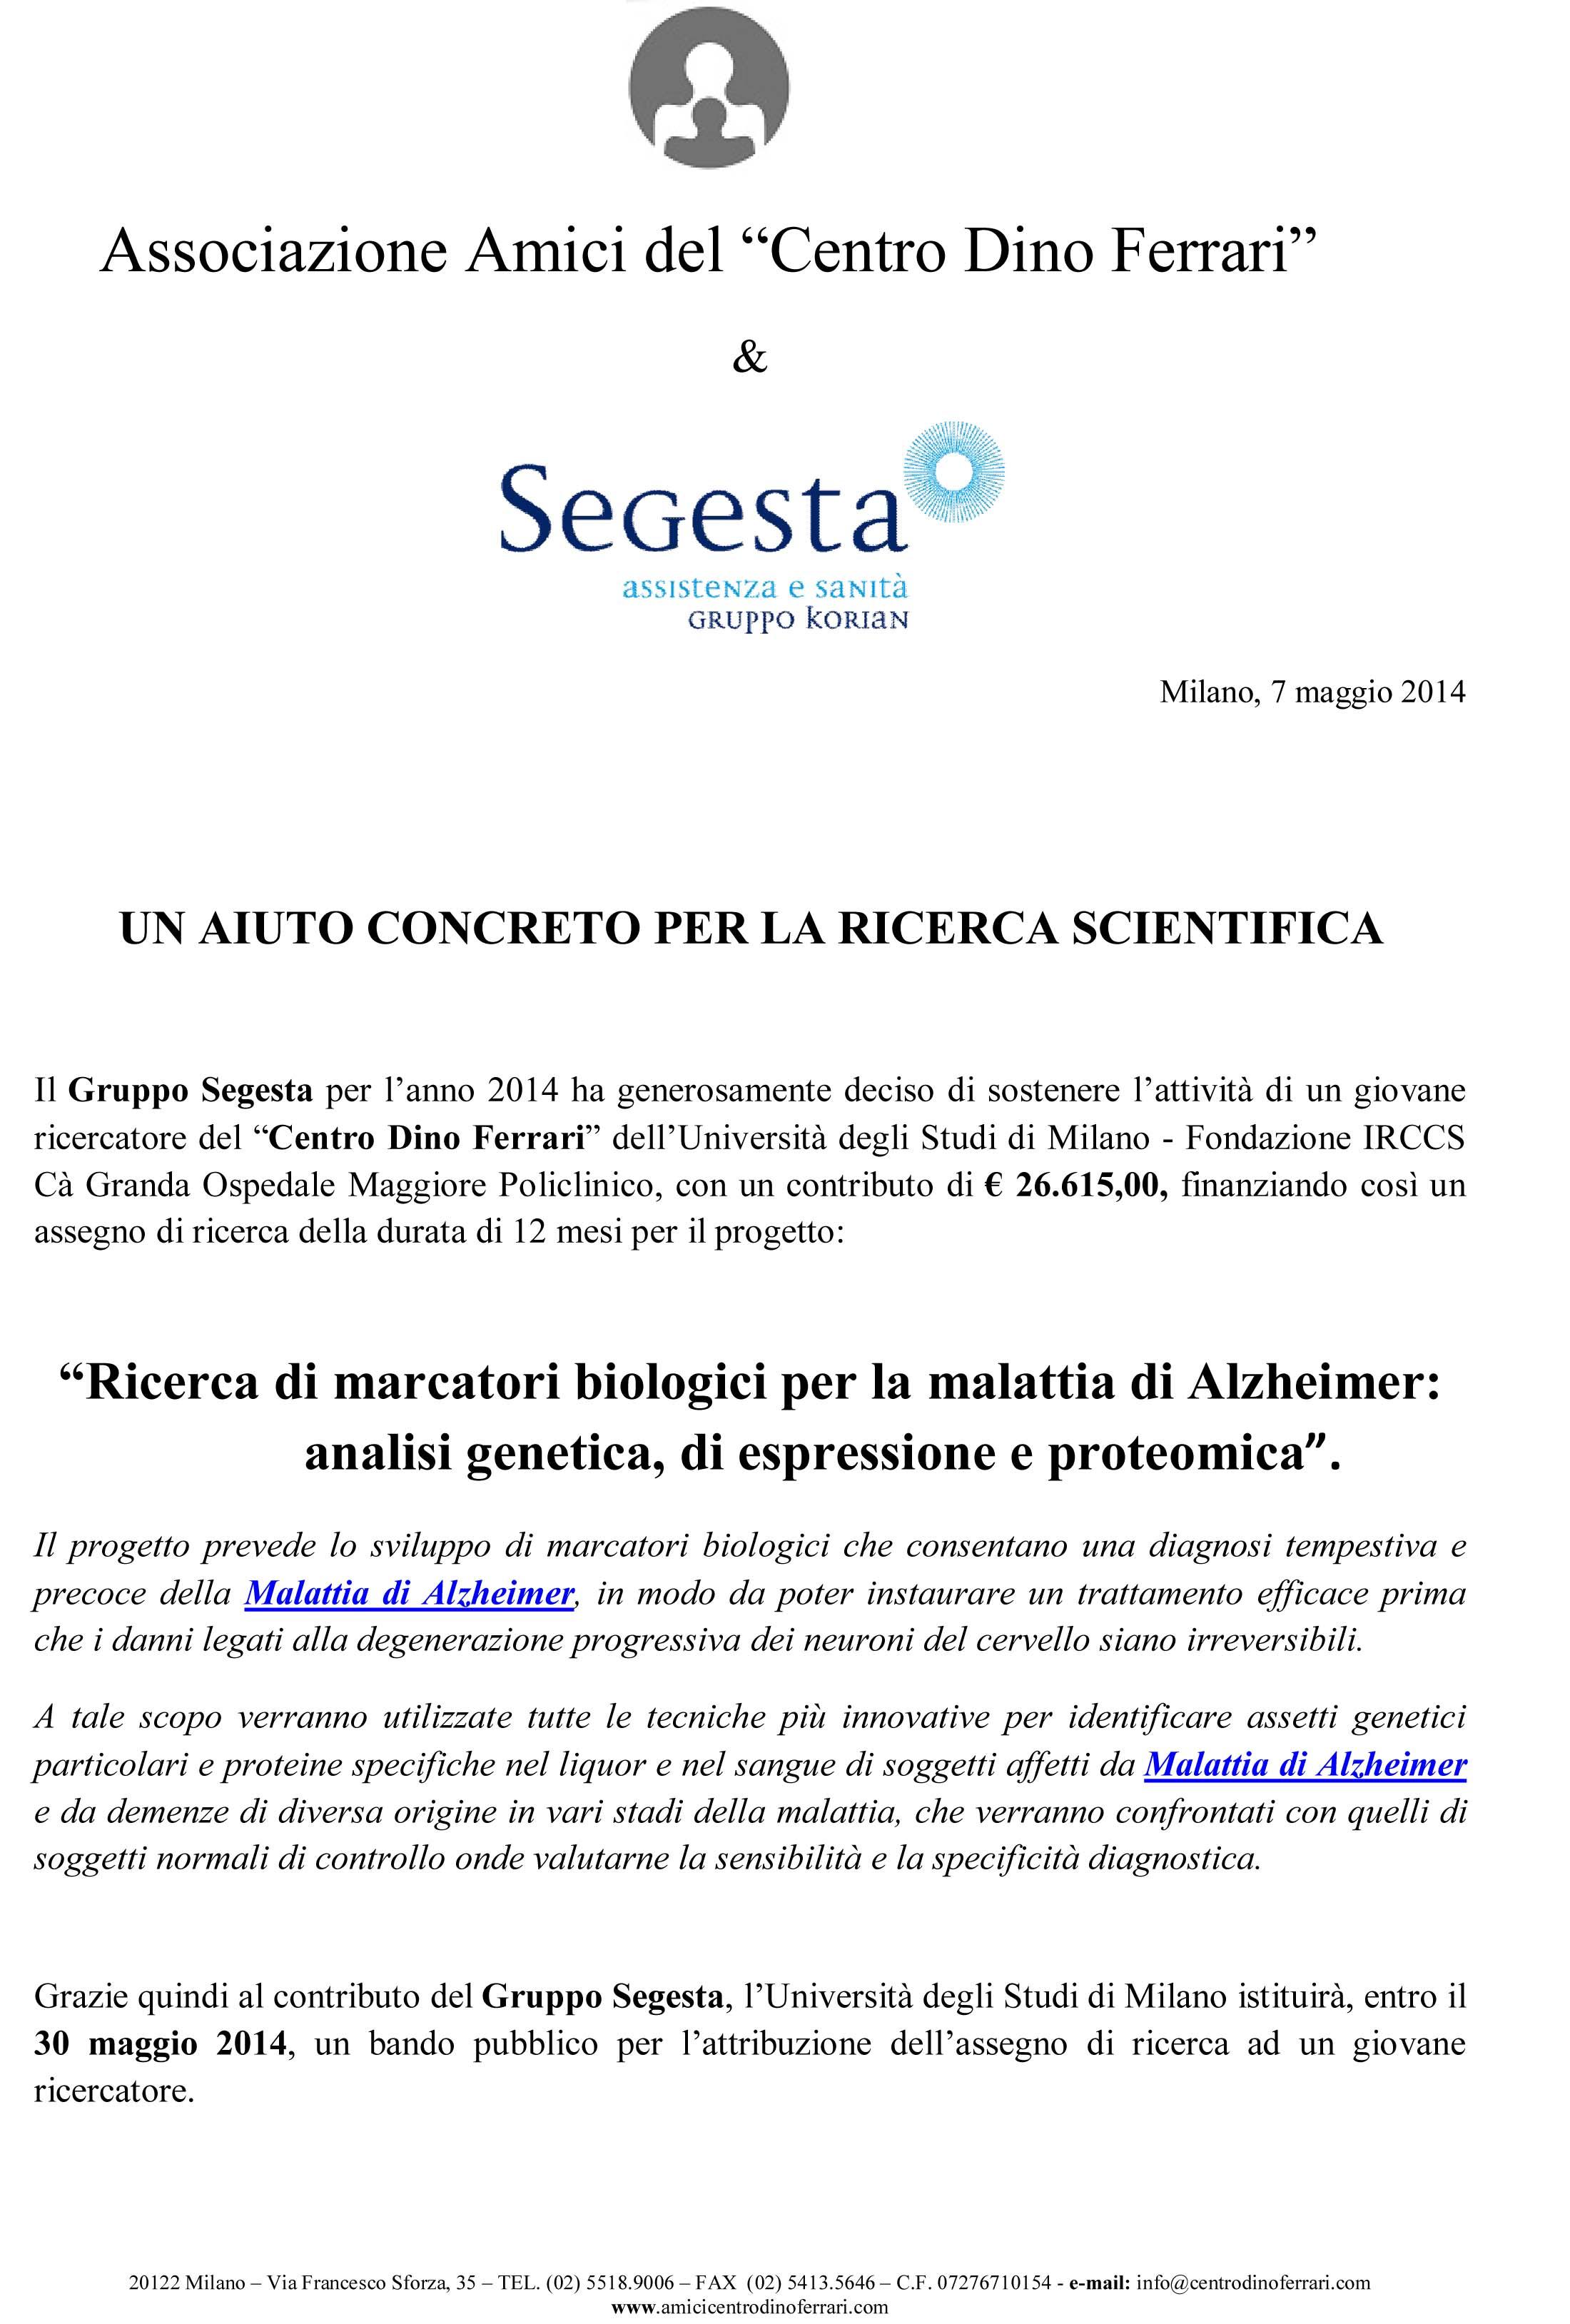 Microsoft Word - Comunicato stampa.docx